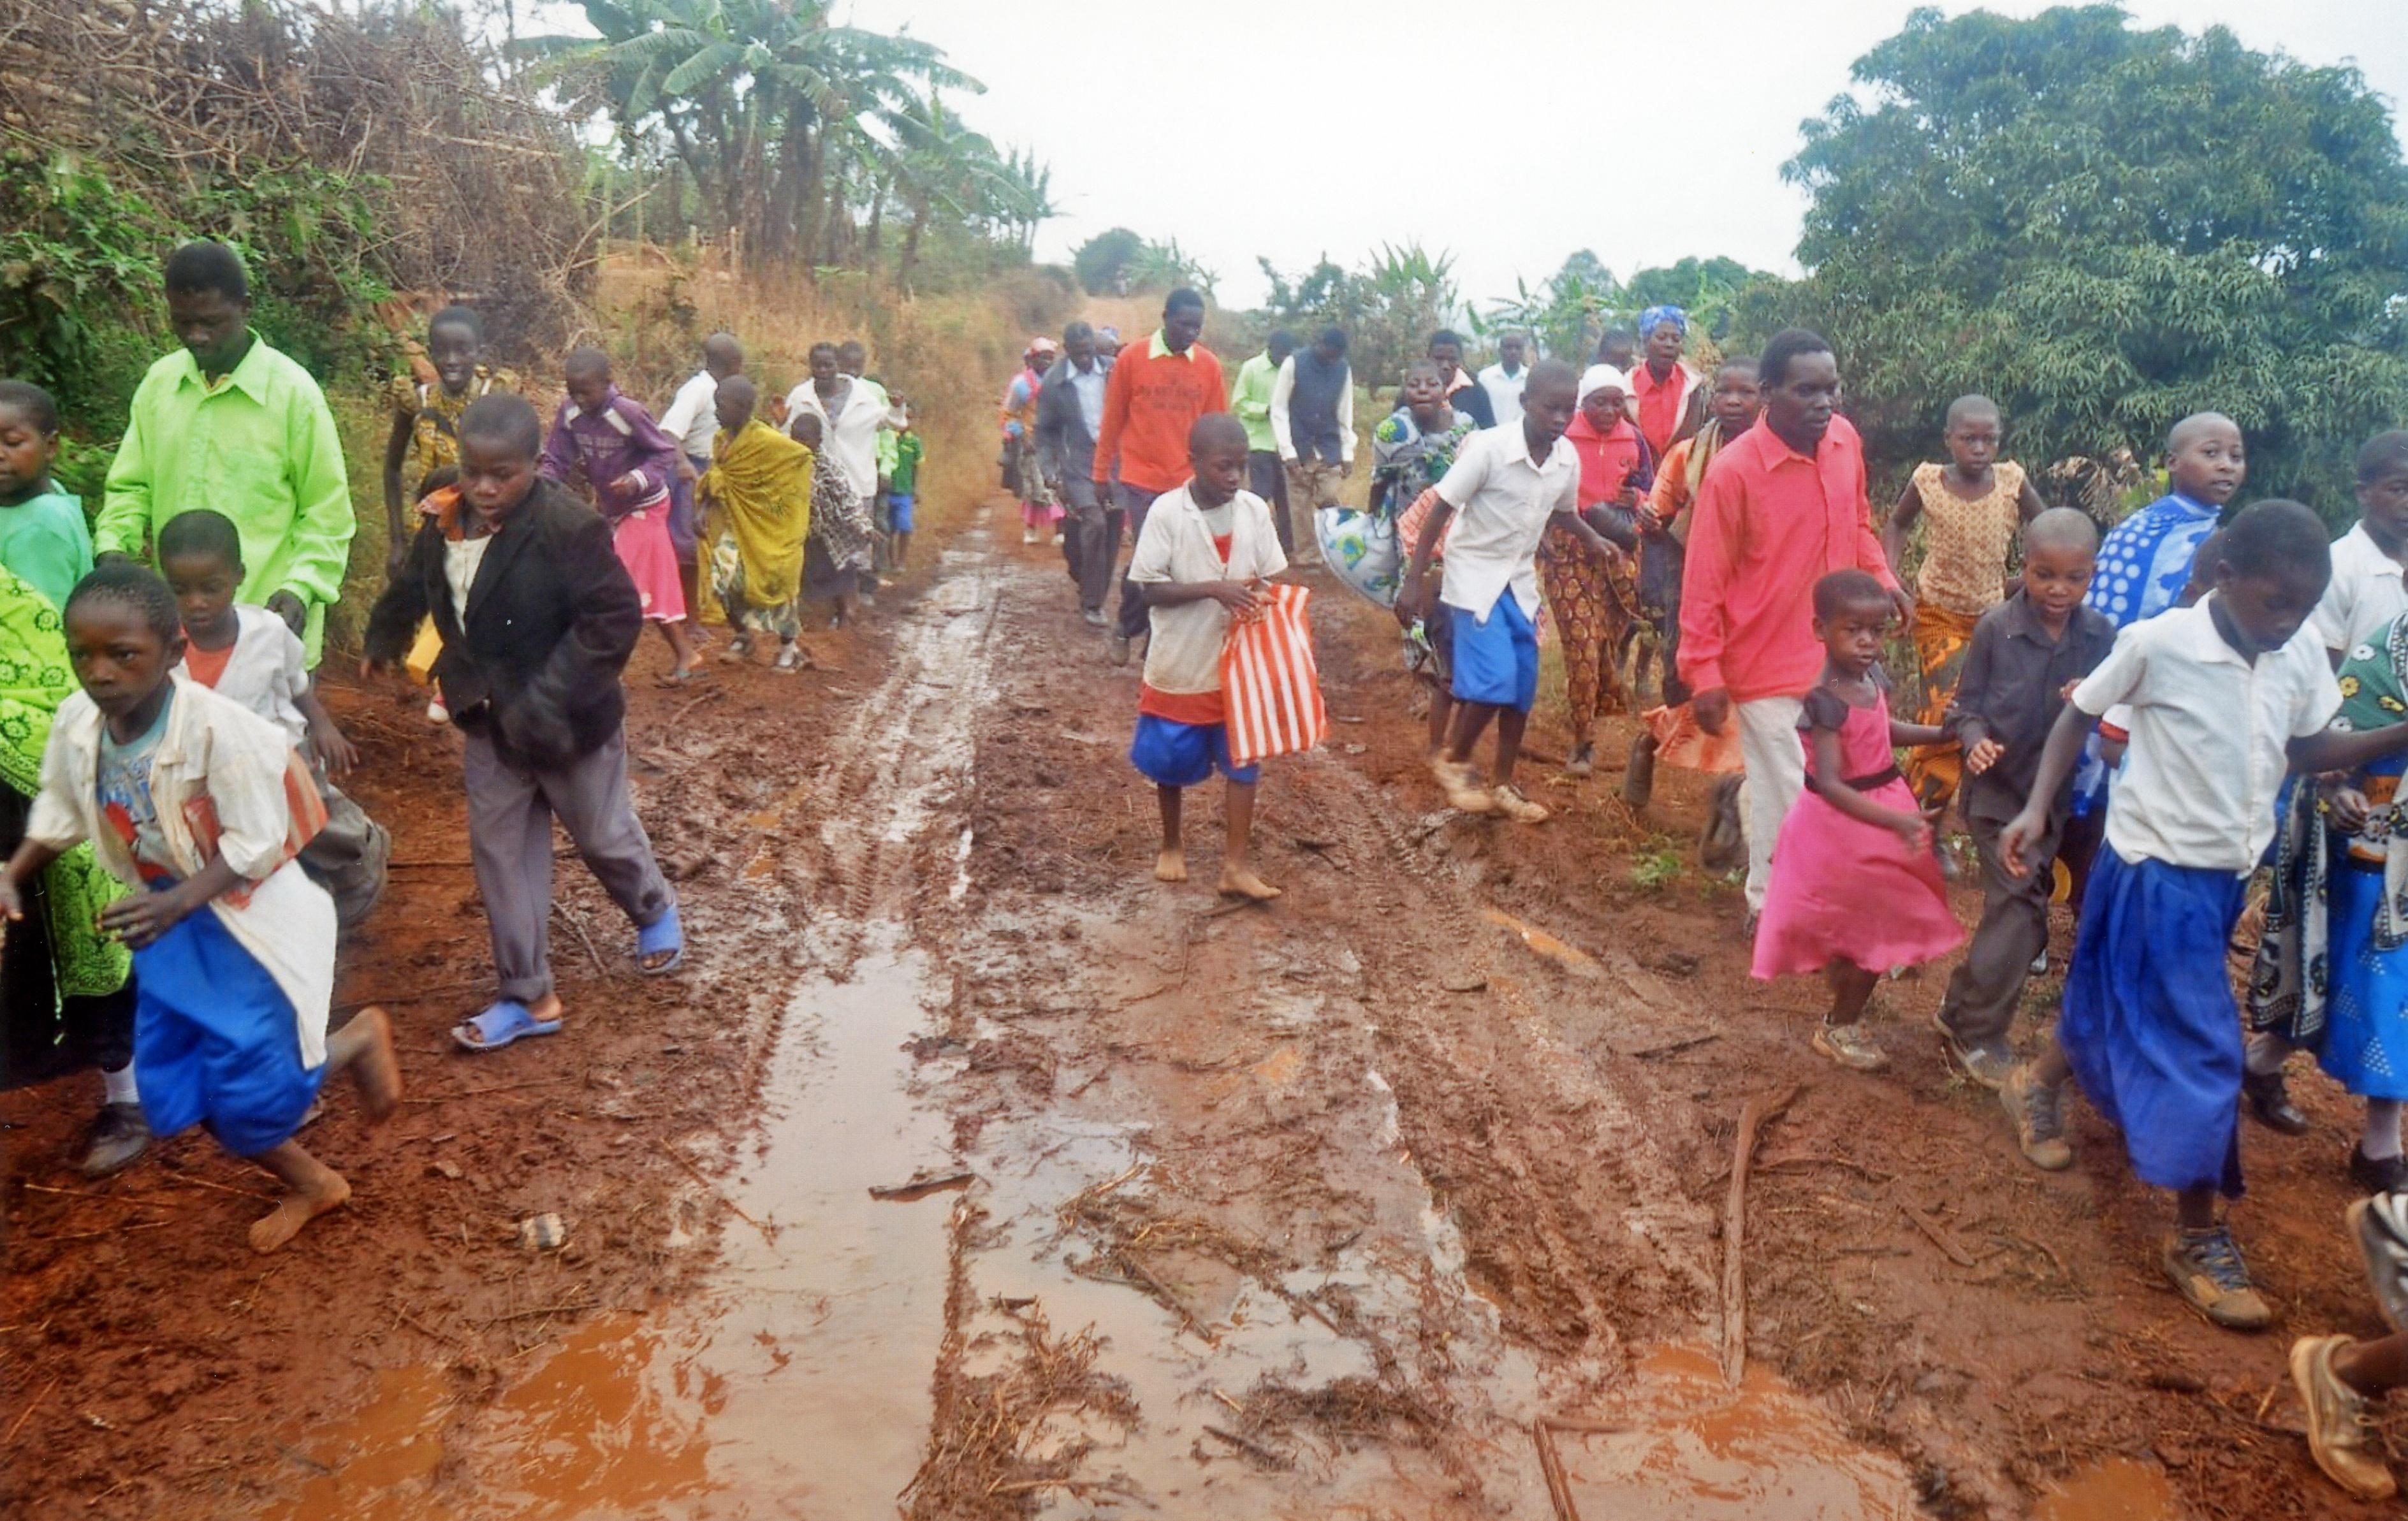 Proyecto de mes: Un vehículo para la parroquia de Namswea, Tanzania